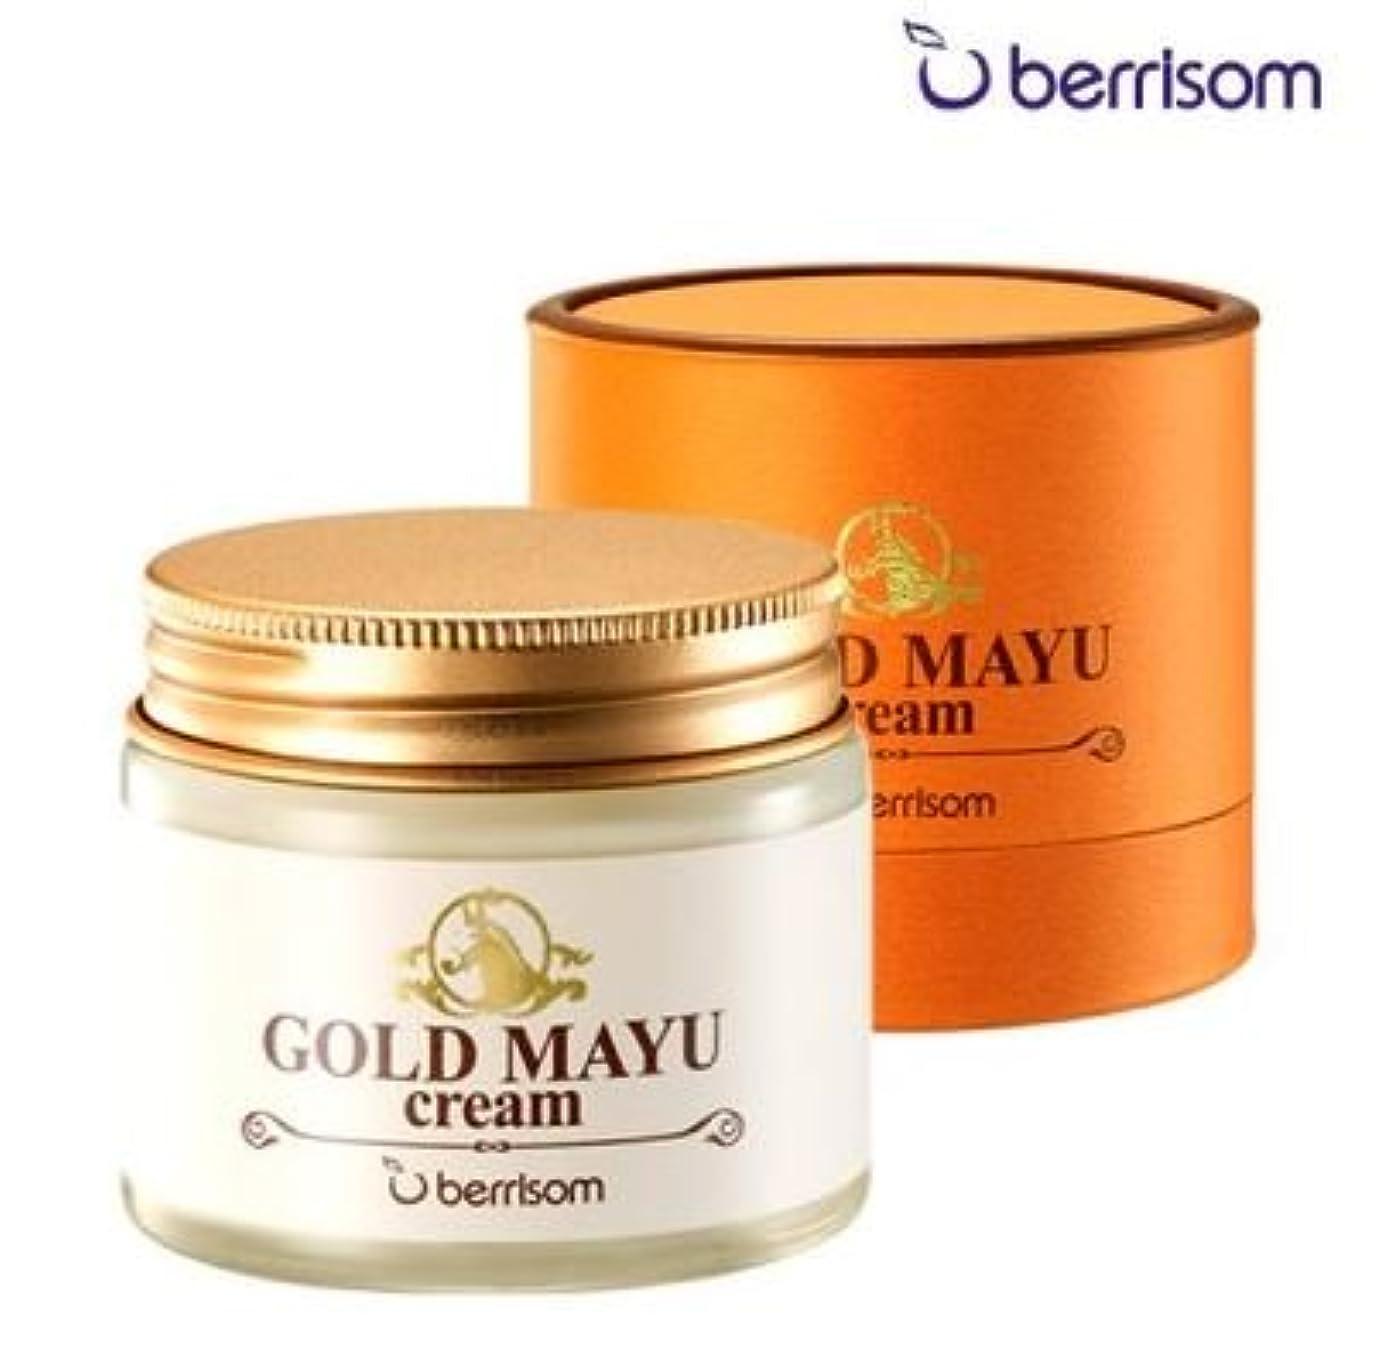 描写看板機会Berrisom(ベリサム) ゴールド 馬油クリーム/Gold Mayu Cream/Horse Oil Cream(70g) [並行輸入品]